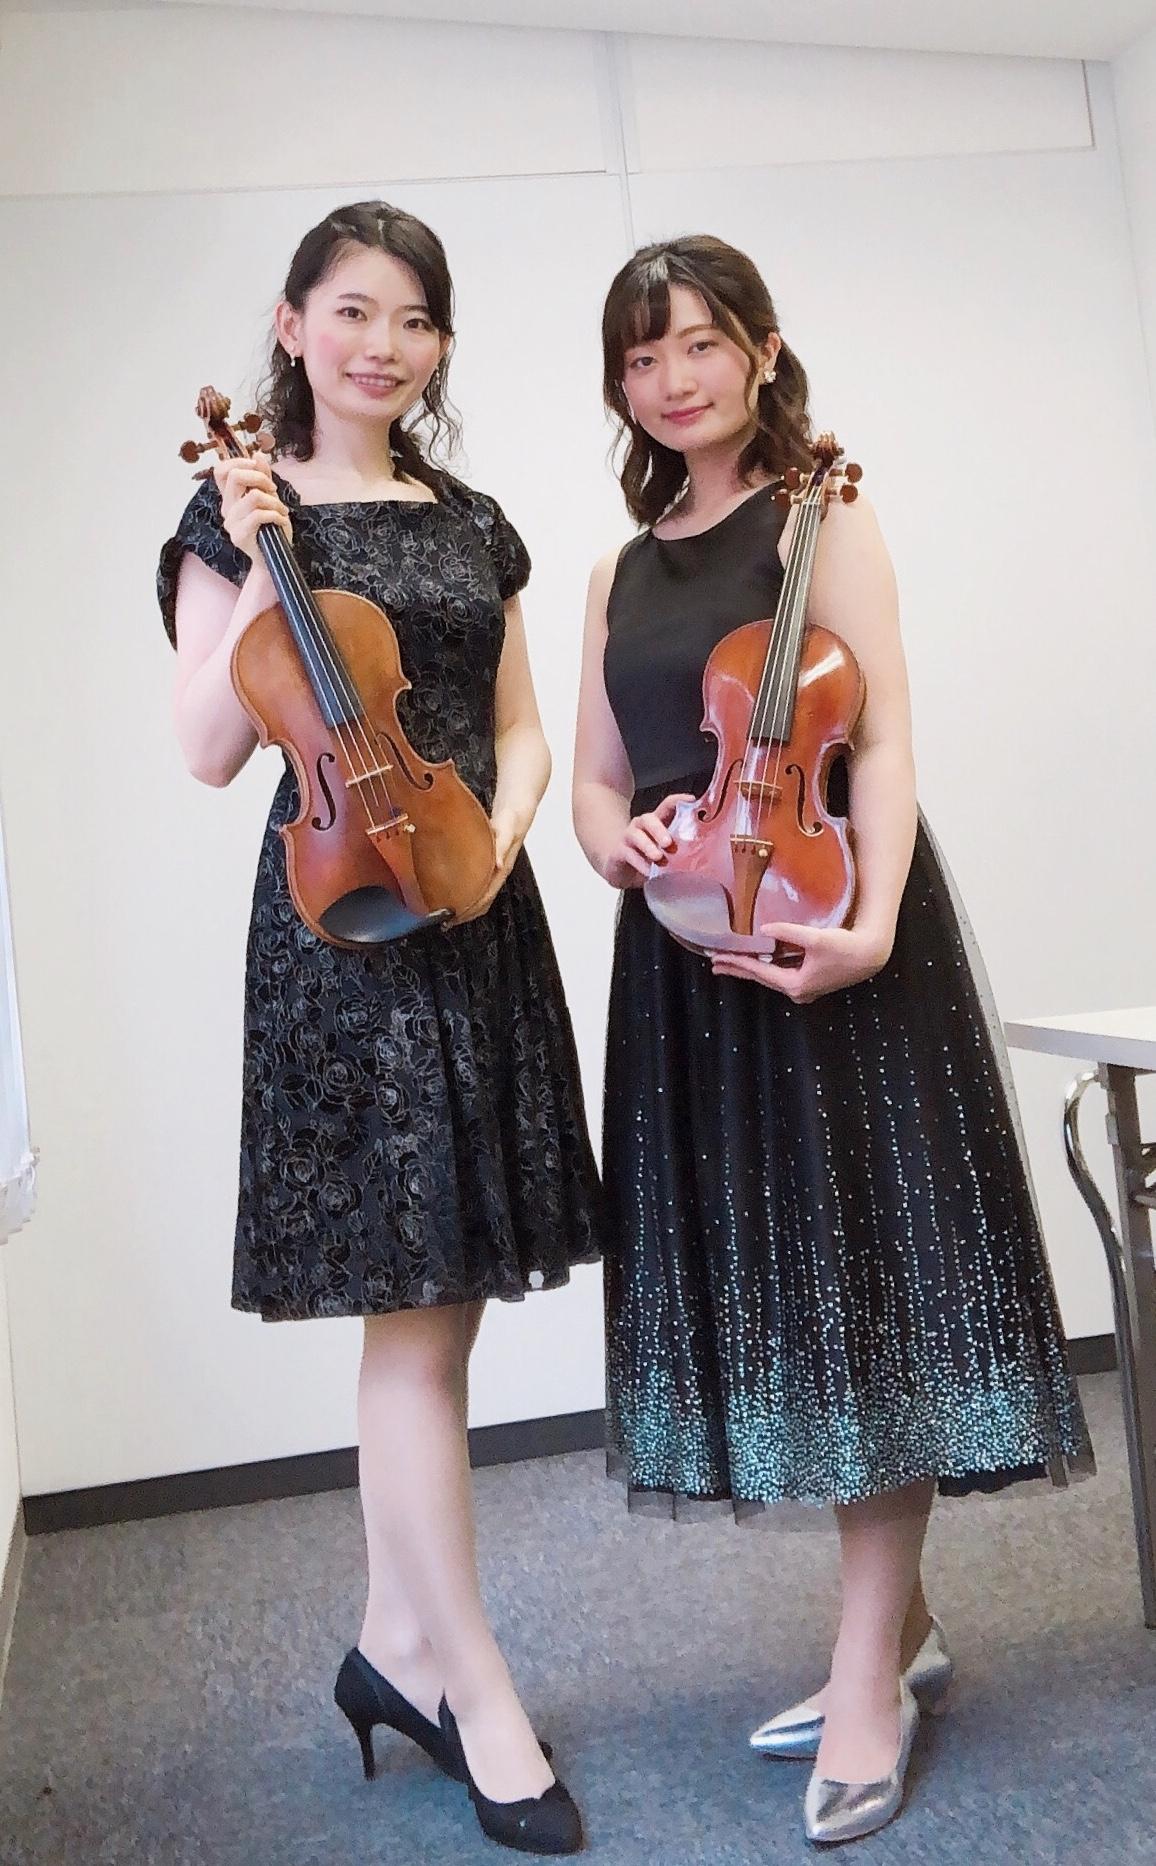 感染対策中でのイベントにてヴァイオリン生演奏でした